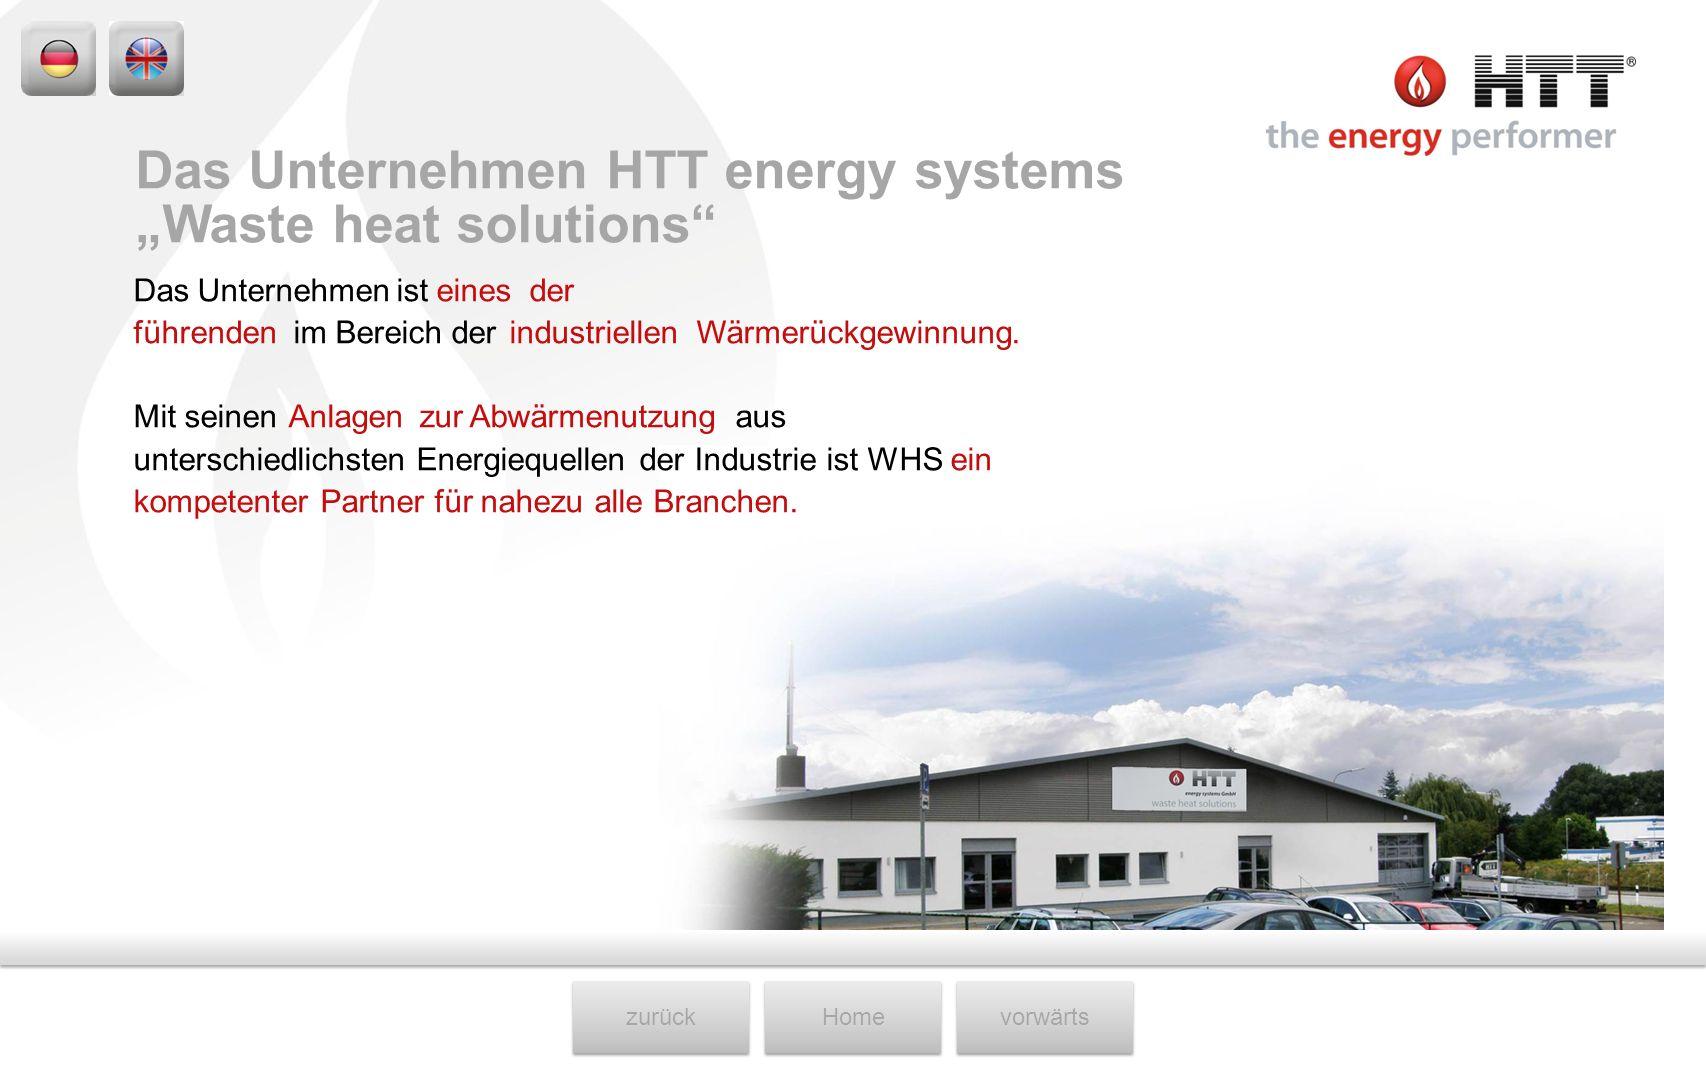 """Das Unternehmen HTT energy systems """"Waste heat solutions"""